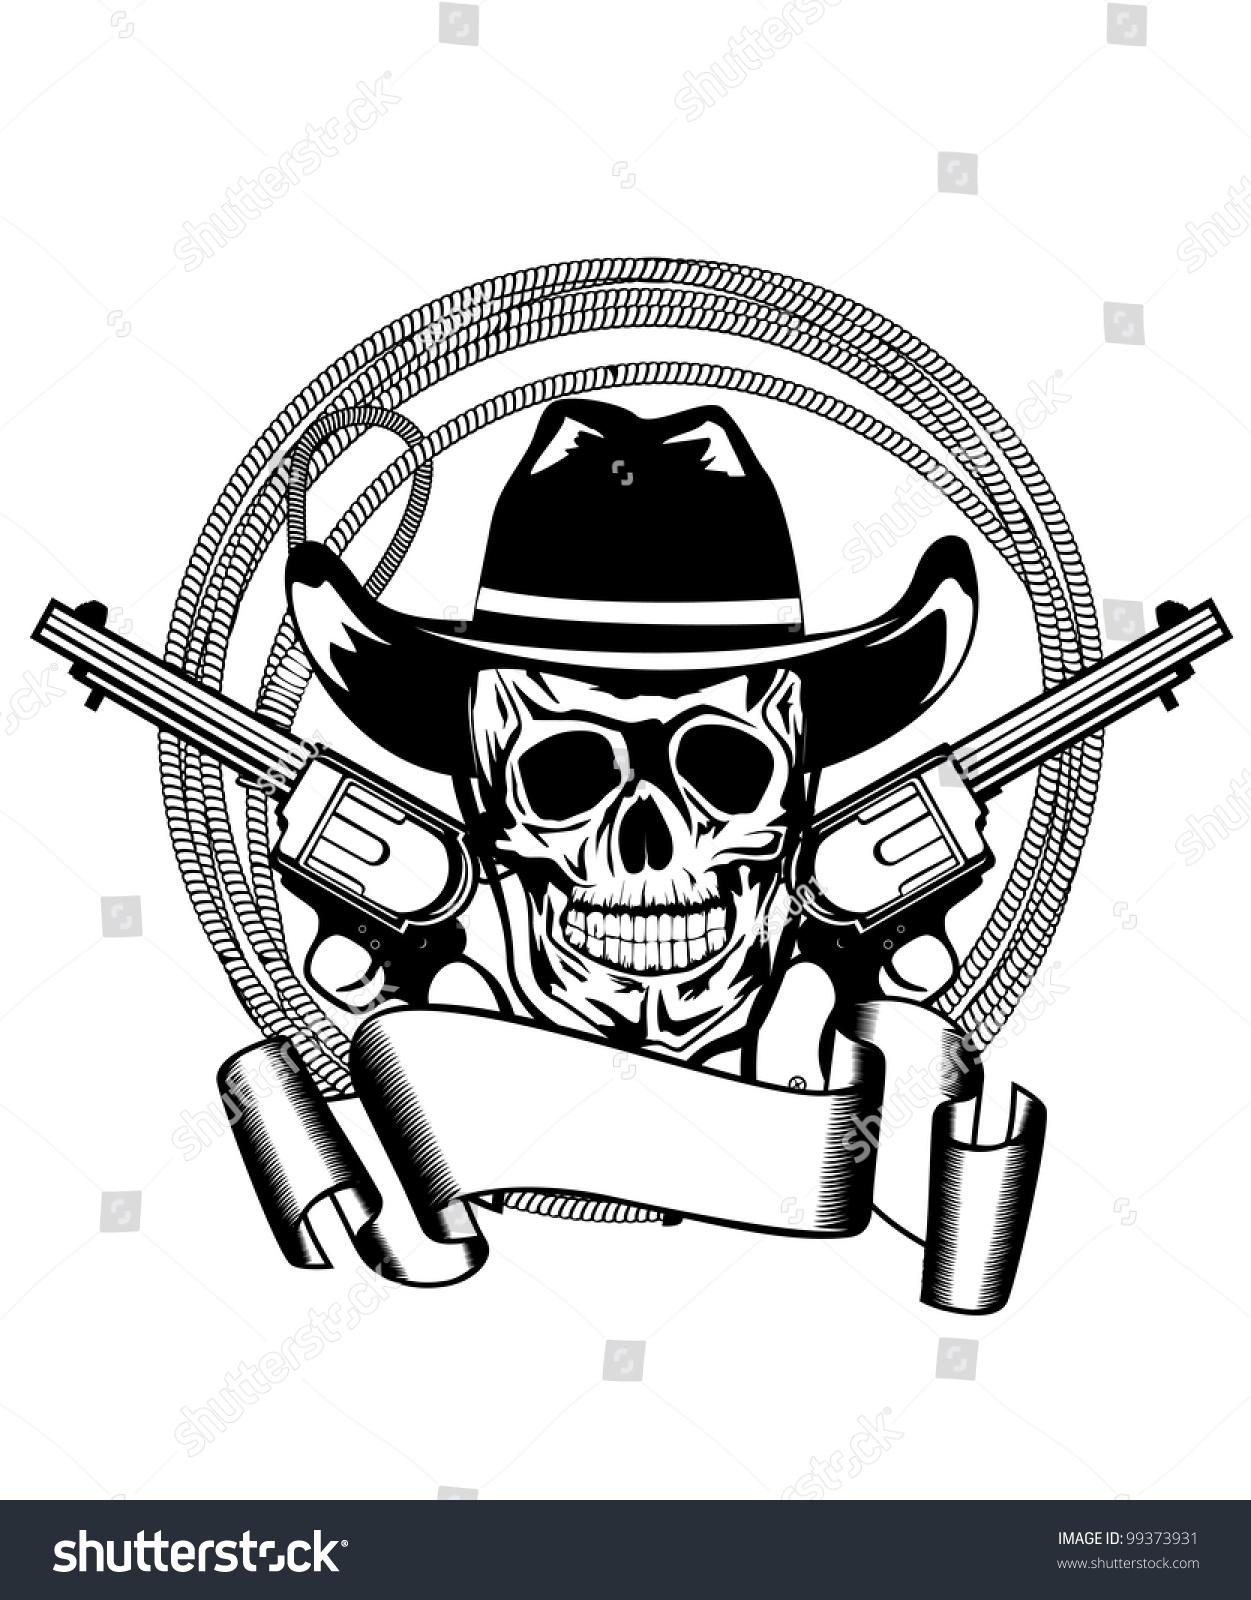 Животное бык с пистолетом или ружьем картинка 2